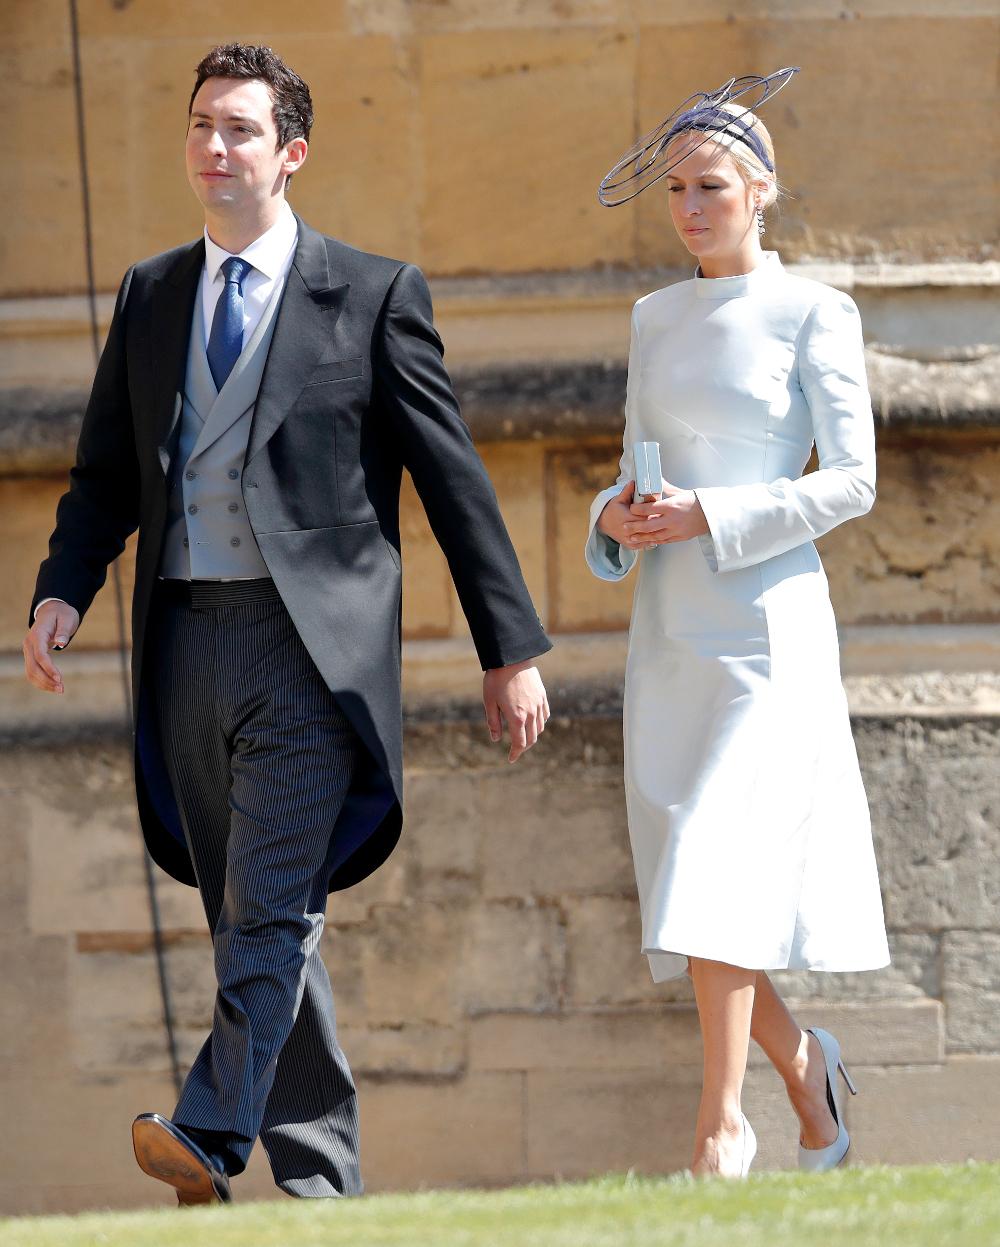 Η Misha Nonoo με τον μέλλοντα σύζυγό της, Μαικλ Χεν στον βασιλικό γάμο της Μέγκαν Μαρκλ τον Μάιο του 2017